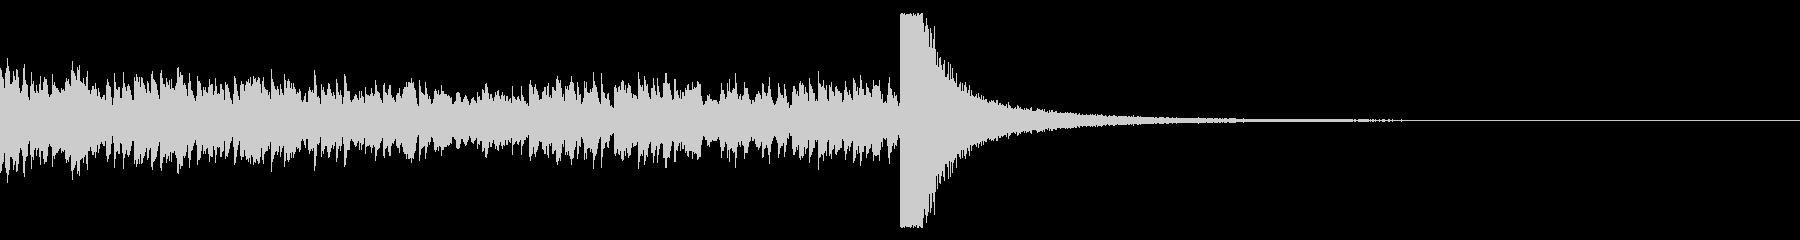 14秒のドラムロールの未再生の波形